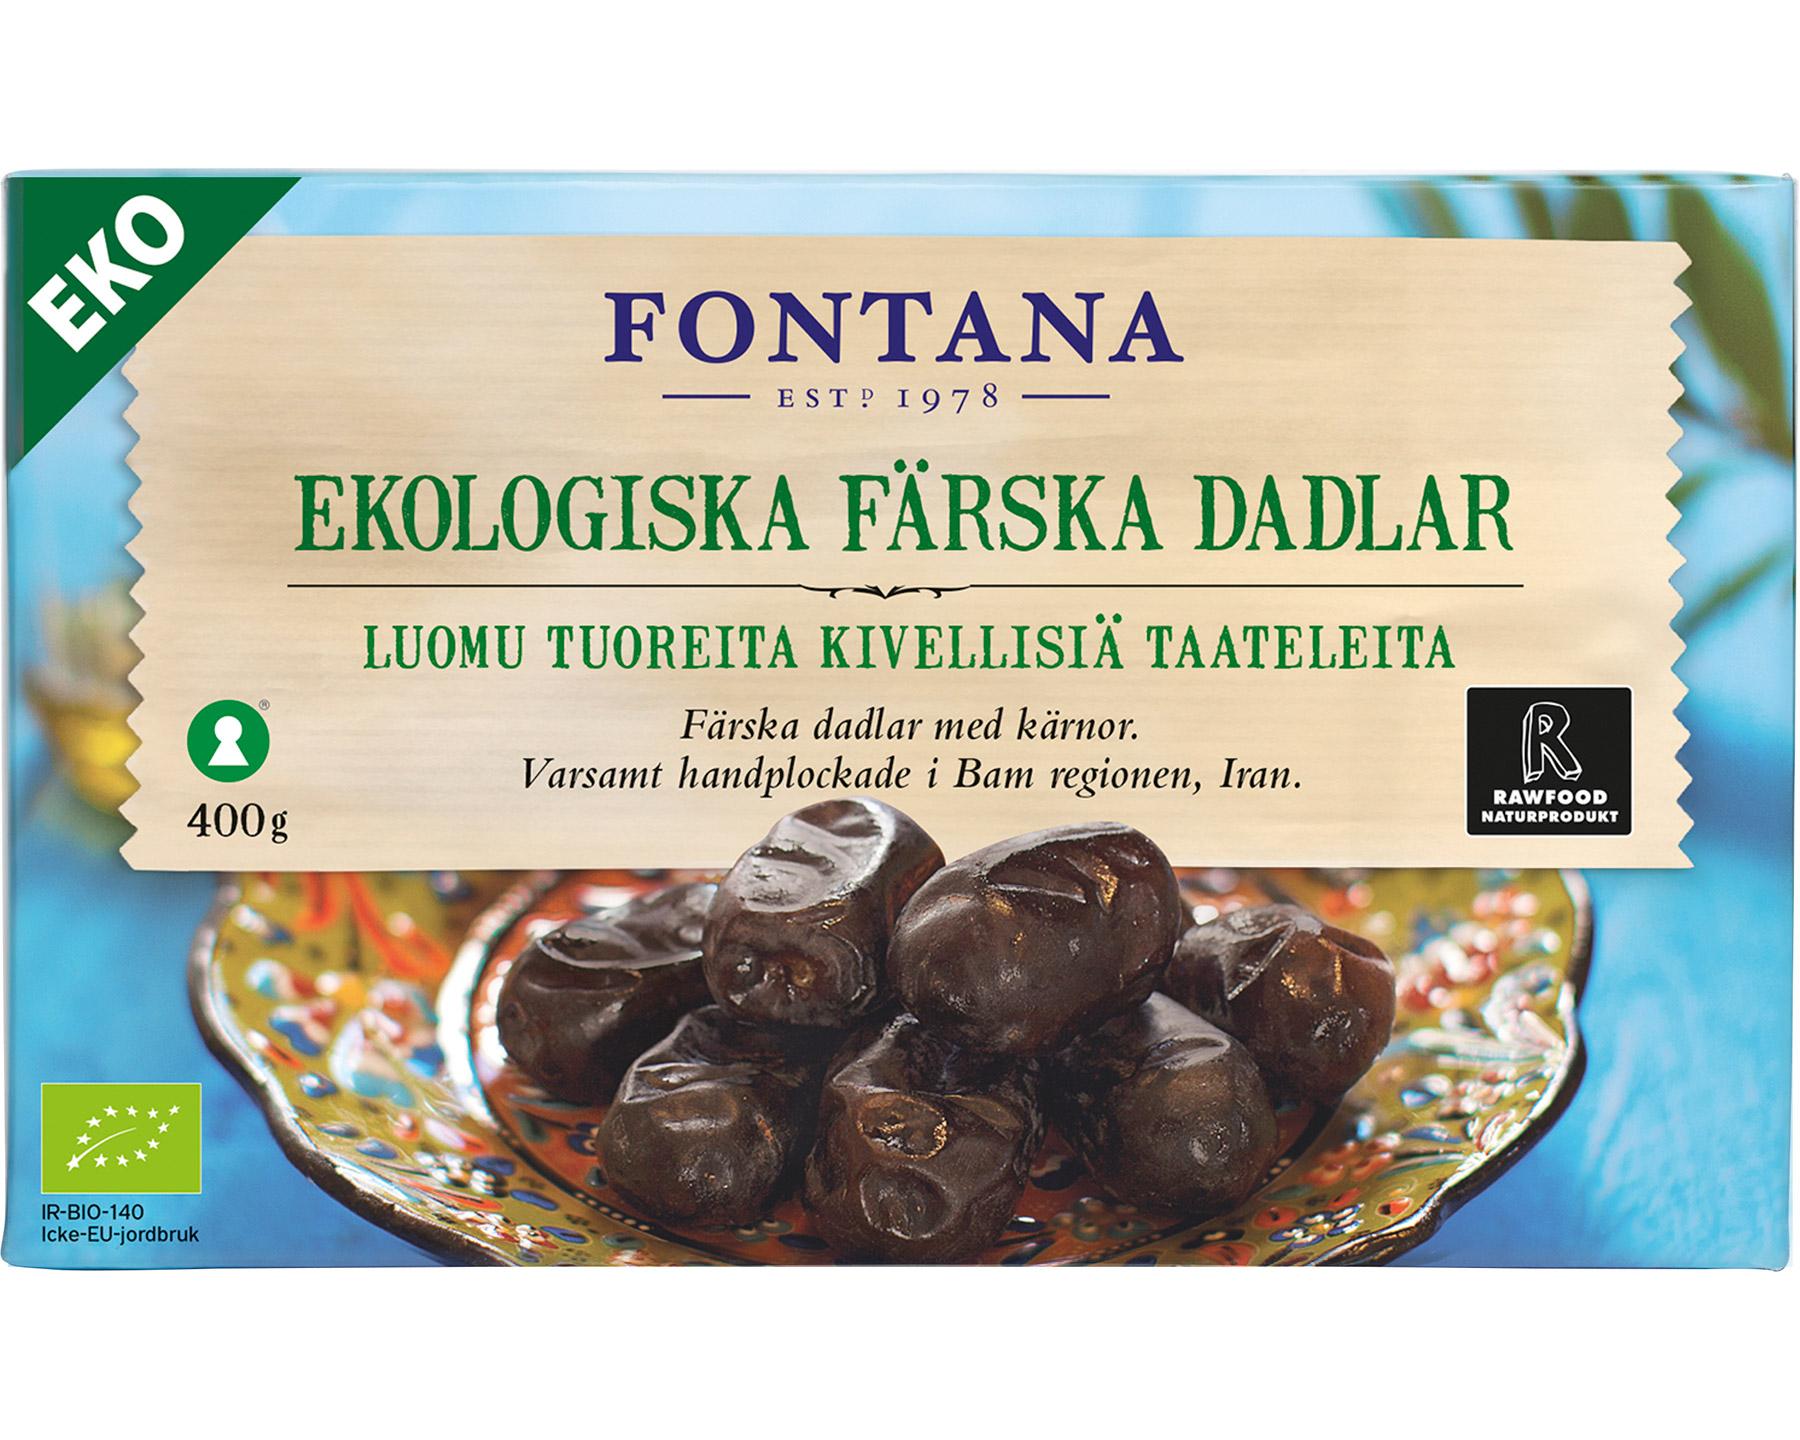 Fontana Färska Dadlar Ekologiska 400 g